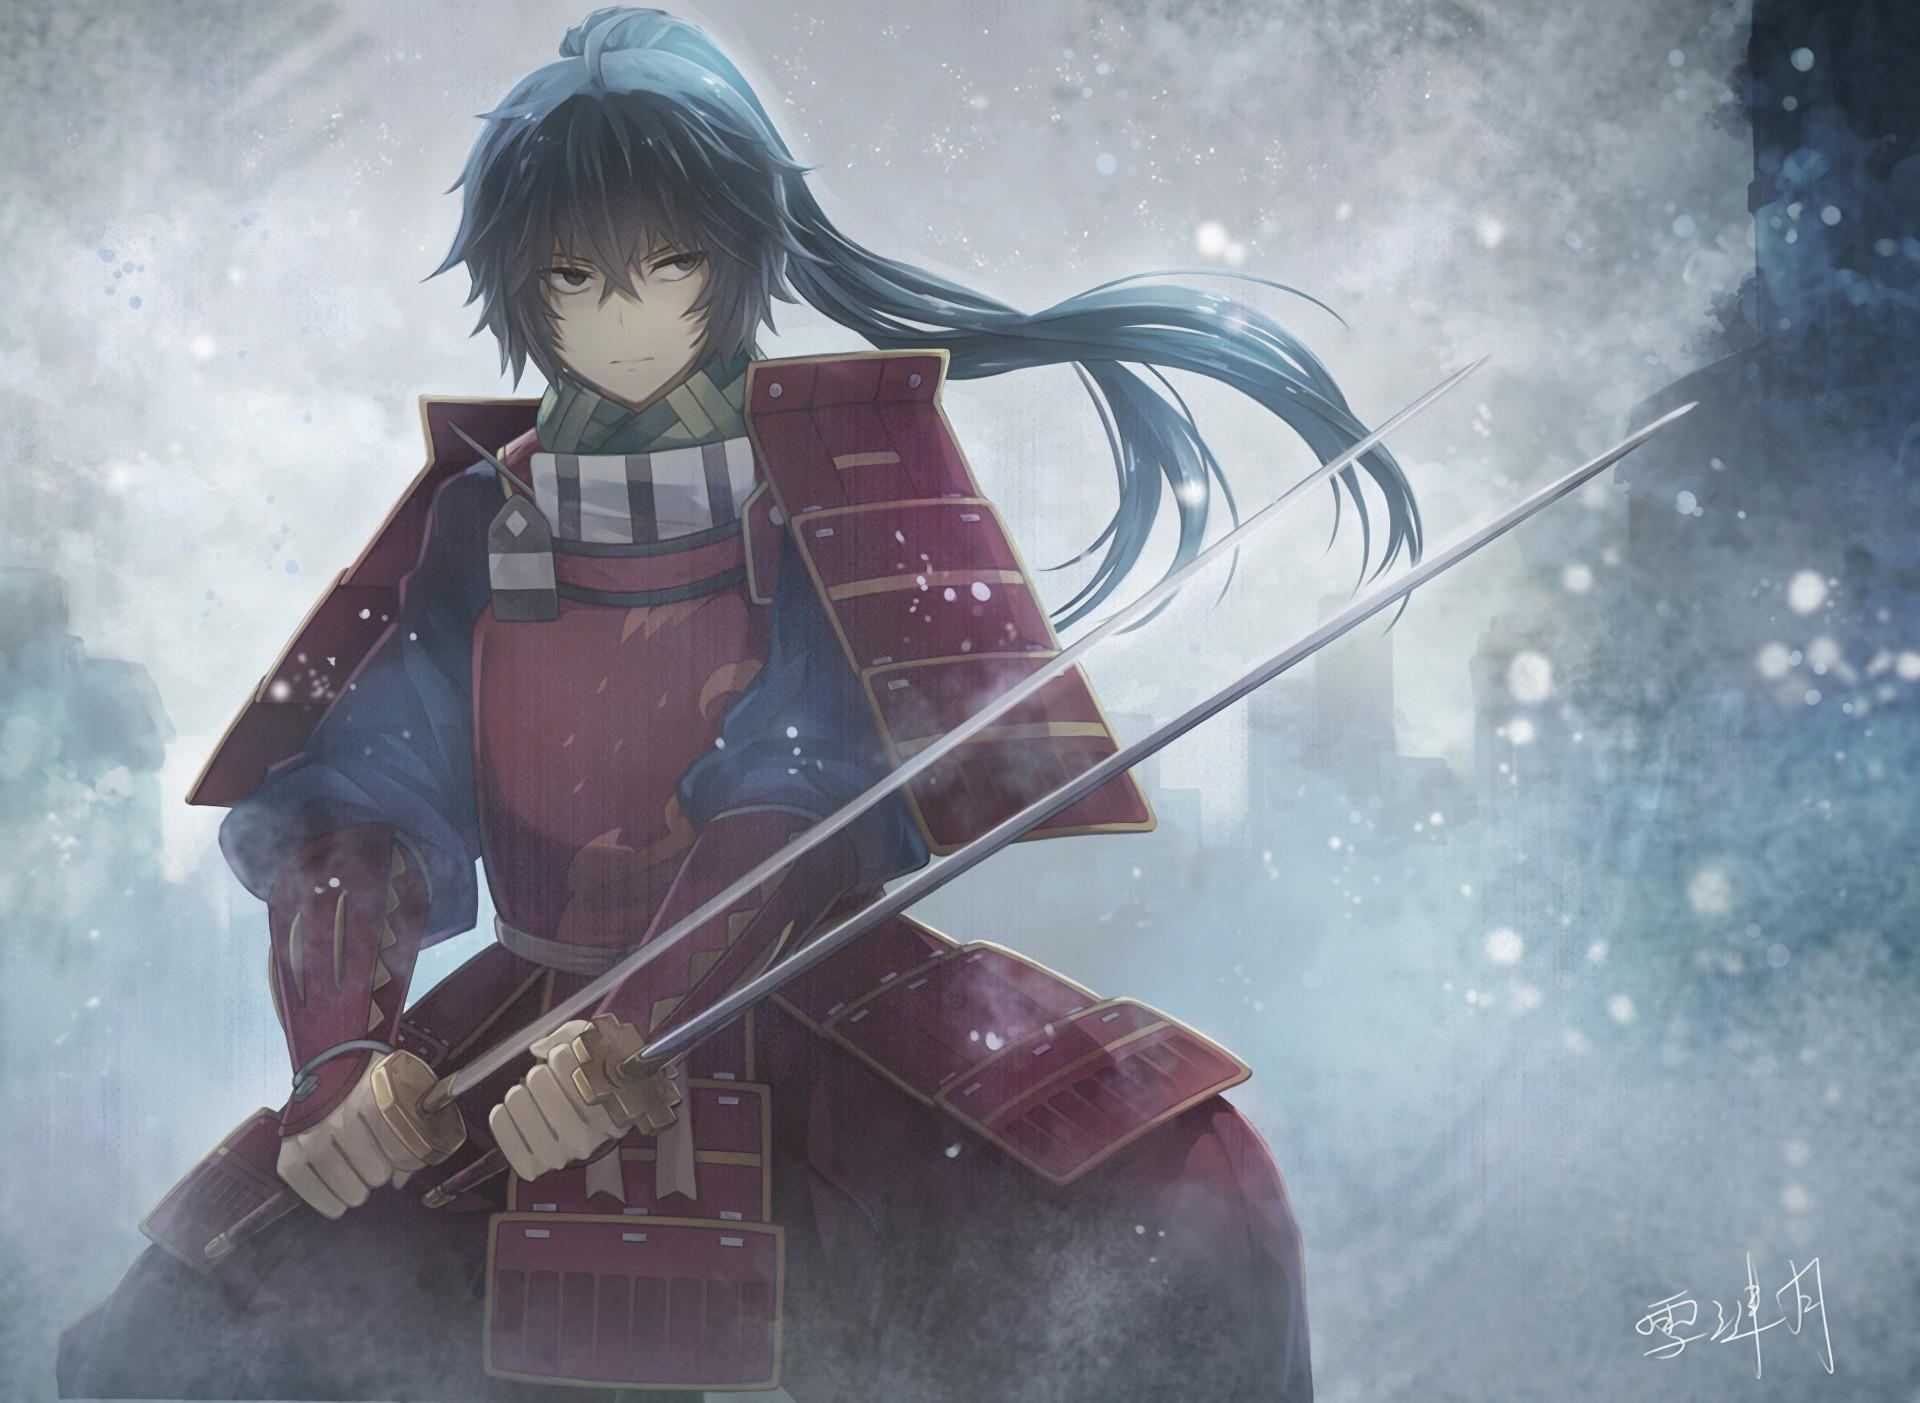 Anime – Log Horizon Soujiro (Log Horizon) Wallpaper